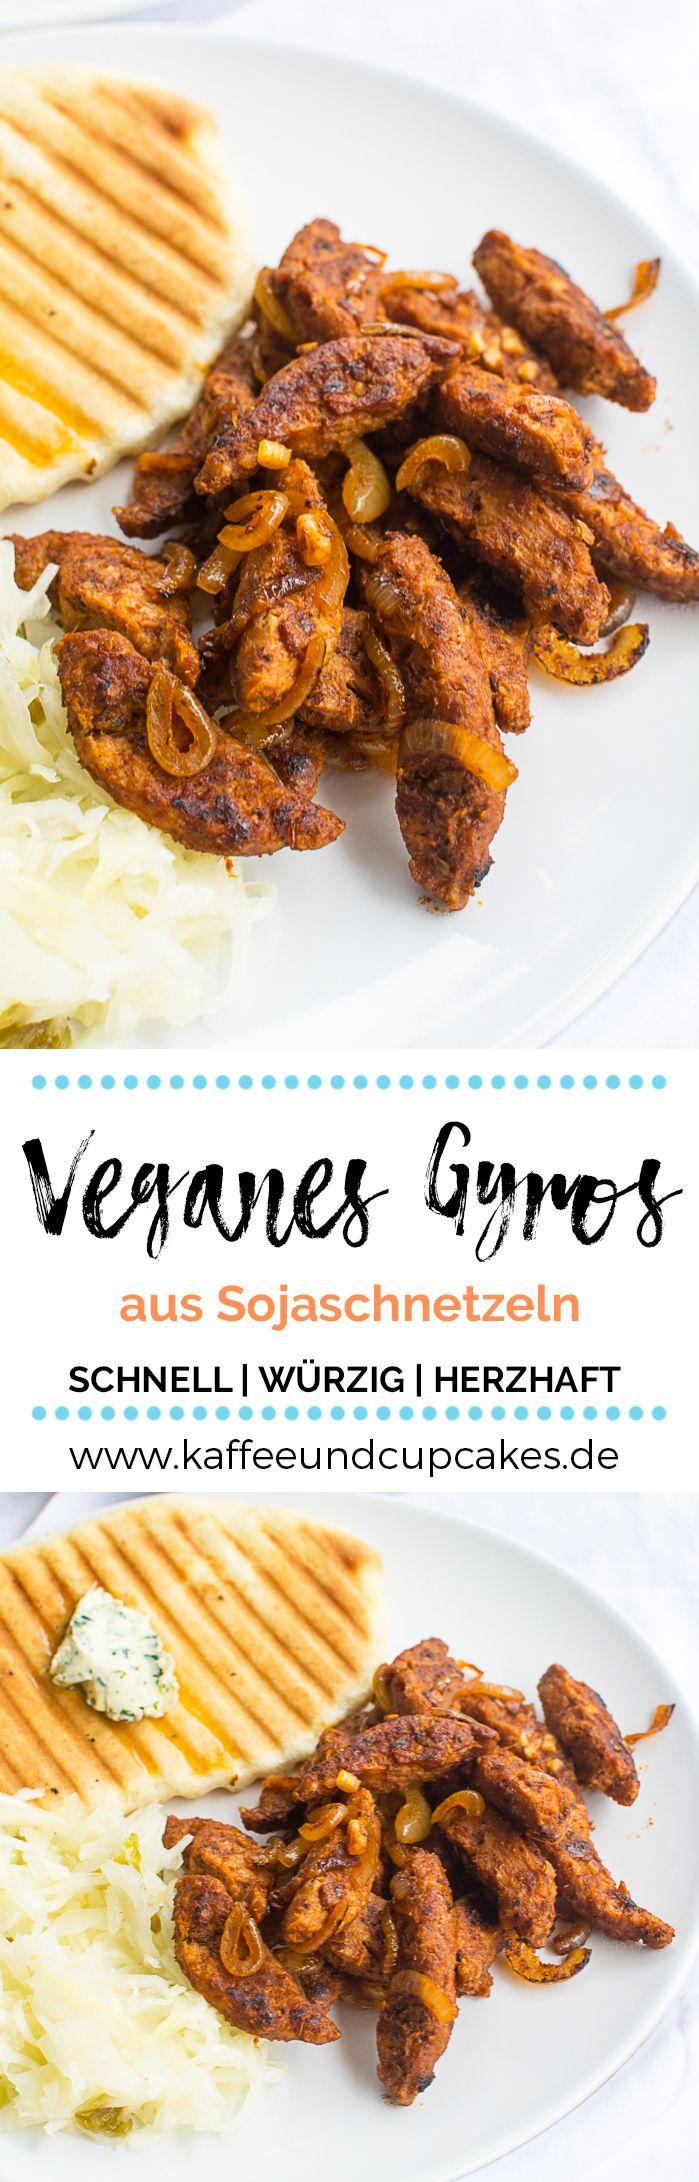 Veganes Gyros aus Sojaschnetzeln - schnell, einfach und super lecker!  #rezept #vegan #vegetarisch #sojaschnetzel #fleischersatz #gyros #griechisch #knoblauch #zwiebel #herzhaft #würzig #mittagessen #abendessen